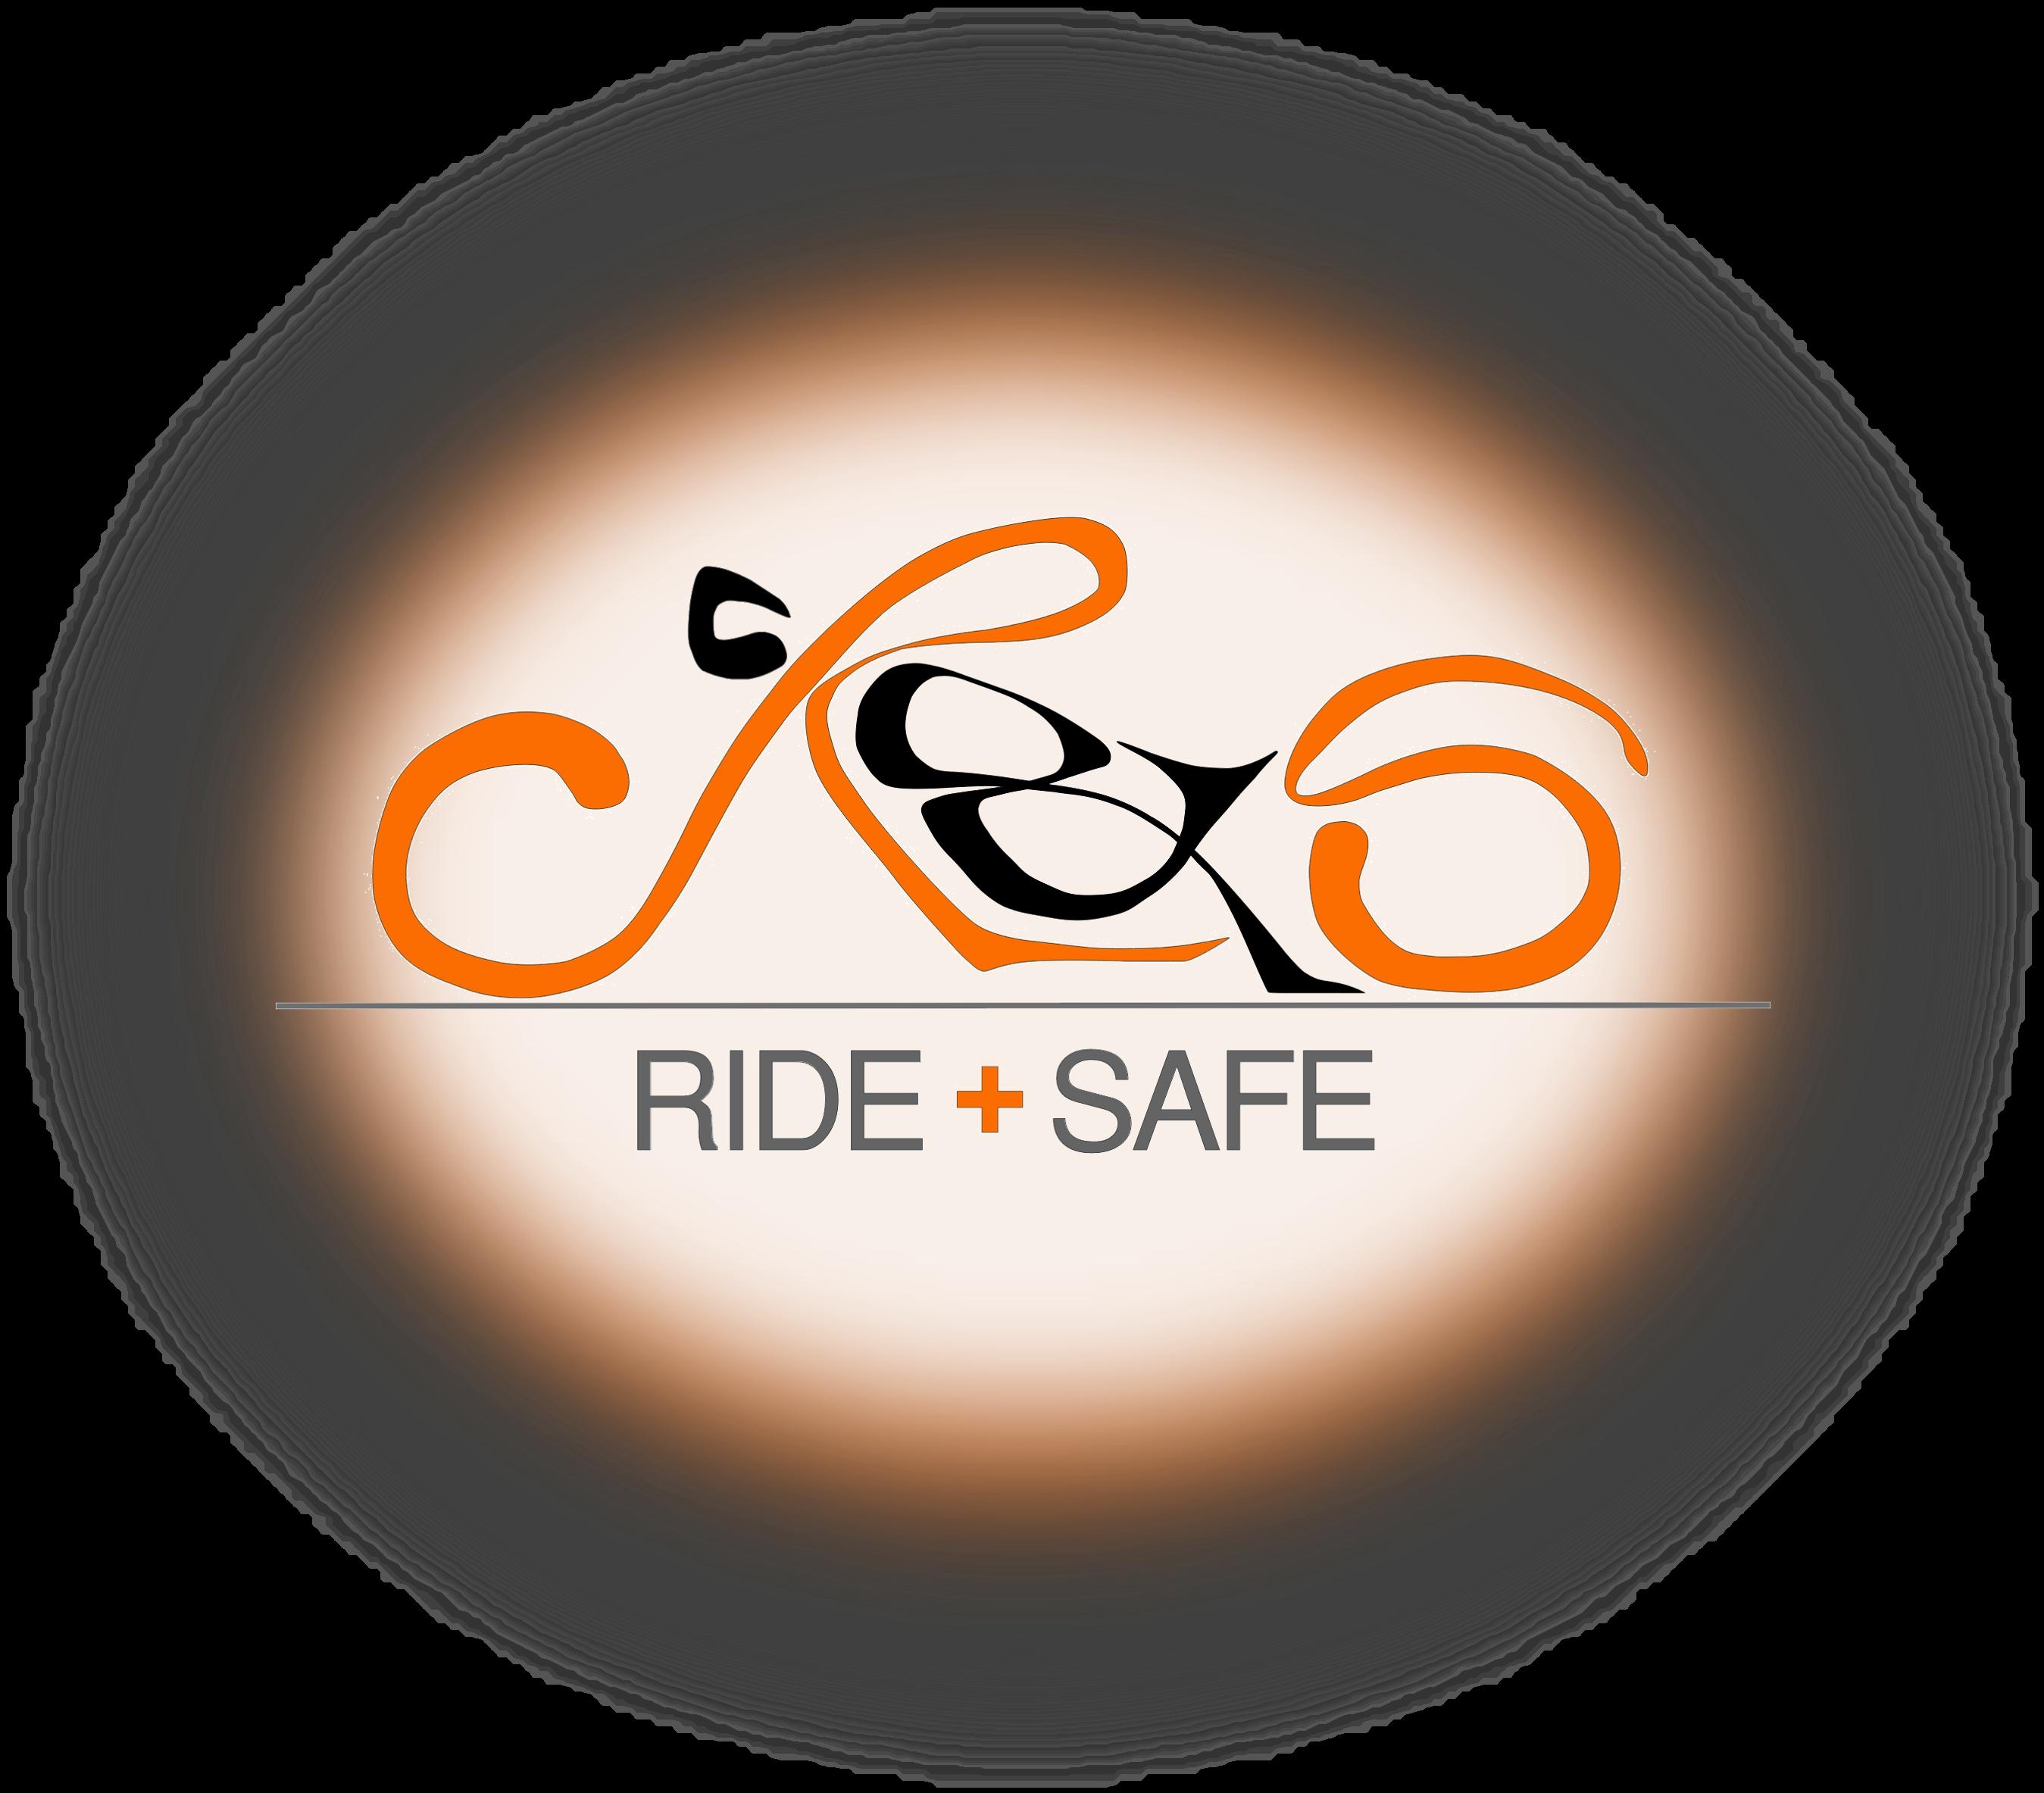 RIDE & SAFE